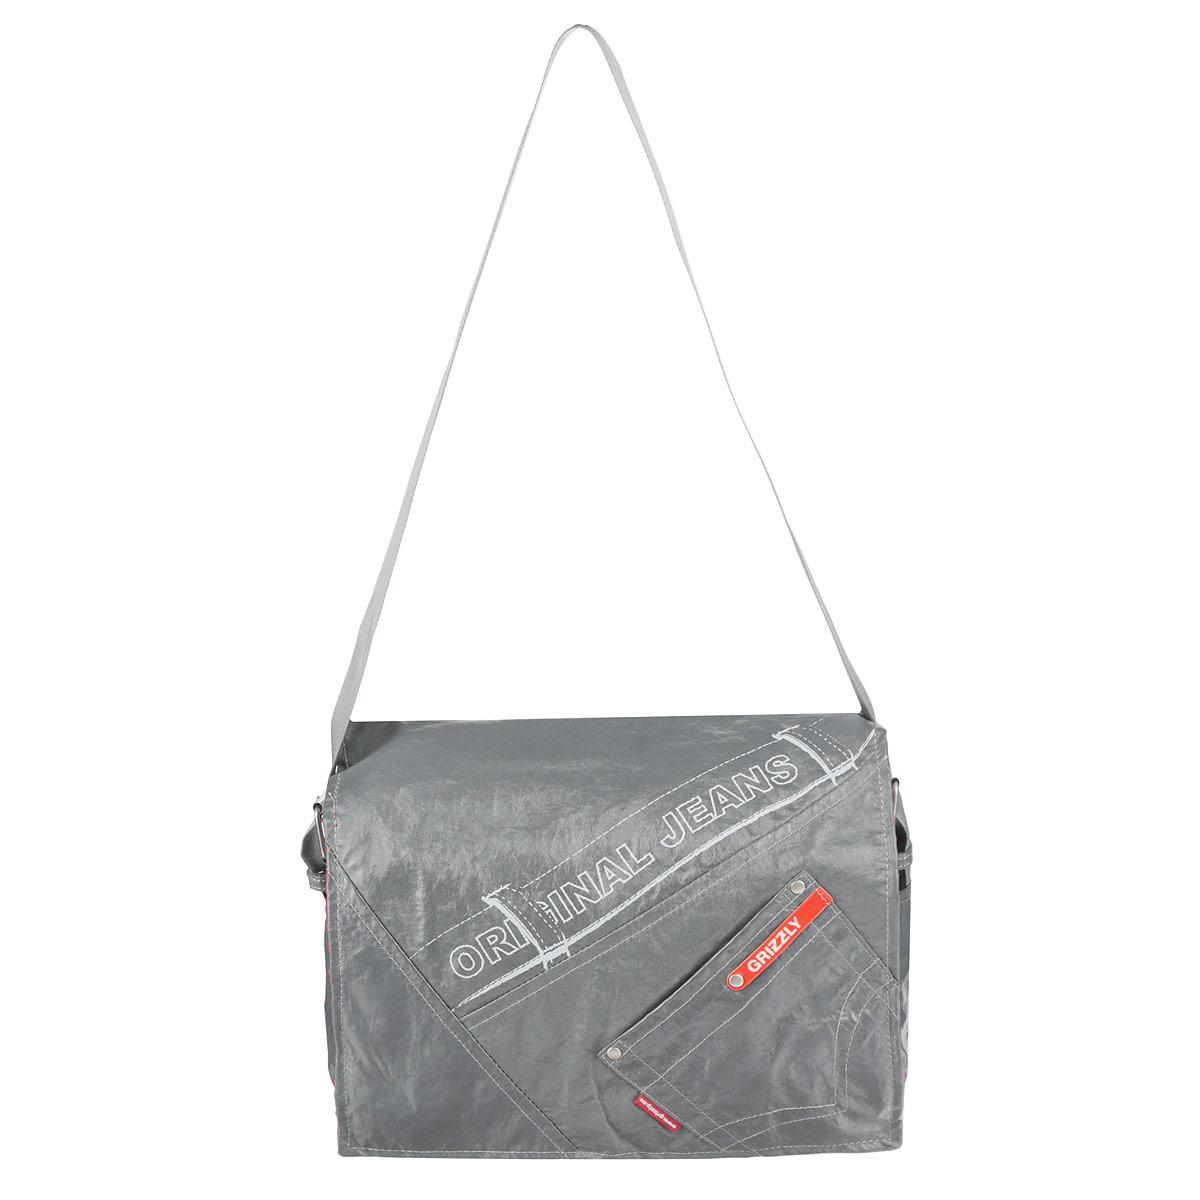 Сумка школьная Grizzly, цвет: серый. MM-340-23905/TGМолодежная сумка с двумя отделениями, с плоским карманом на передней стенке, внутренним карманом для документов и карманом-пеналом, с регулируемым плечевым ремнем